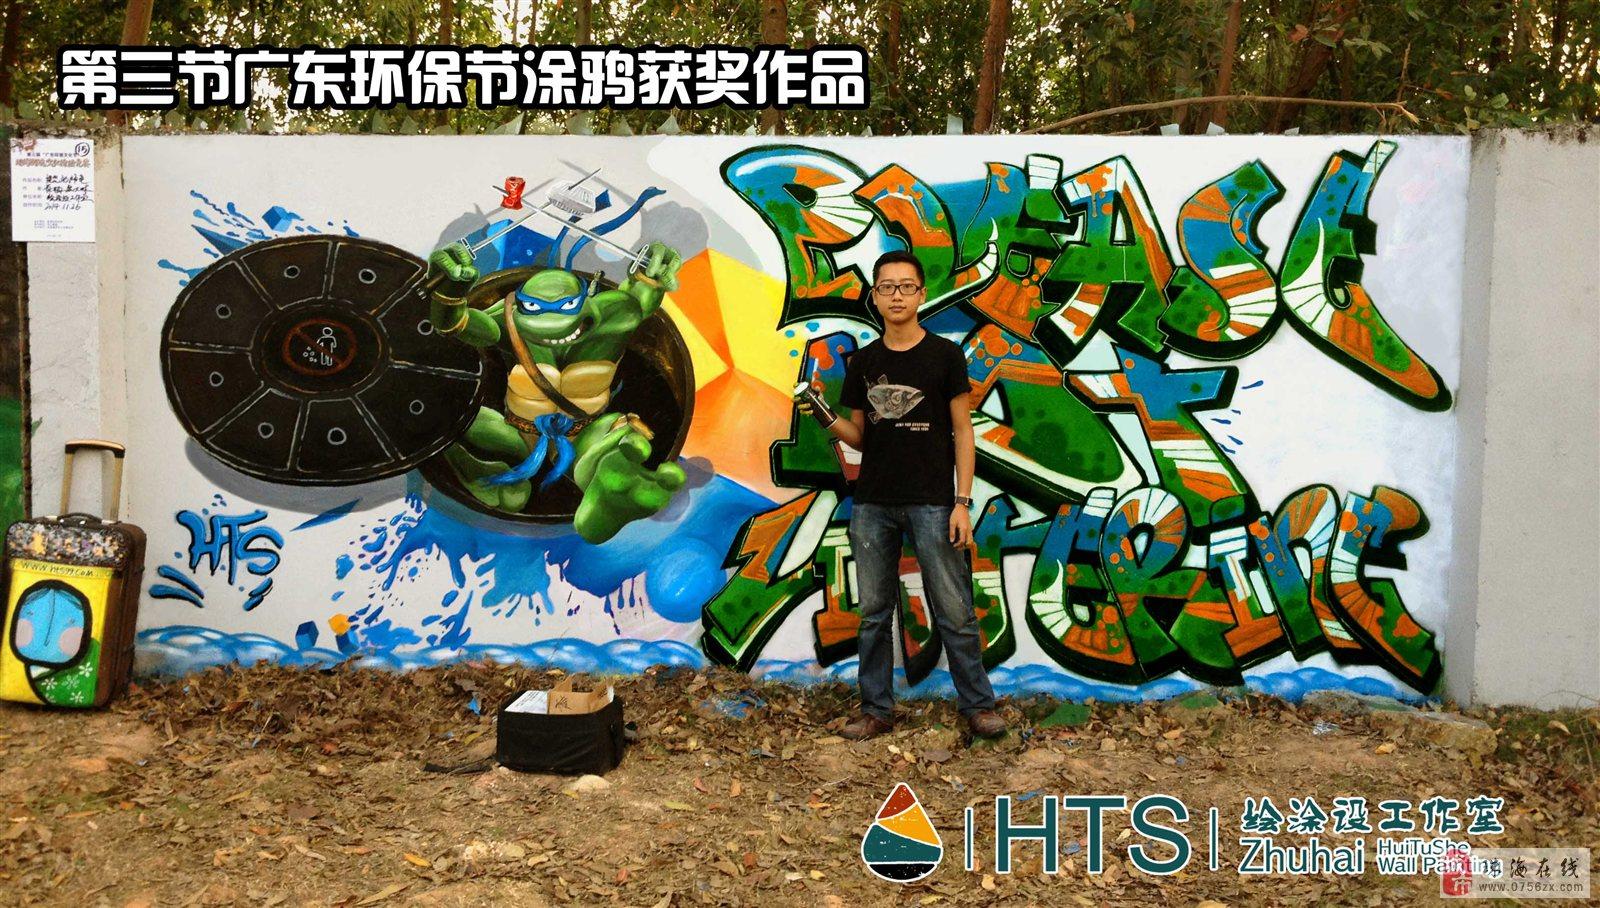 珠海涂鸦 珠海手绘墙 珠海壁画